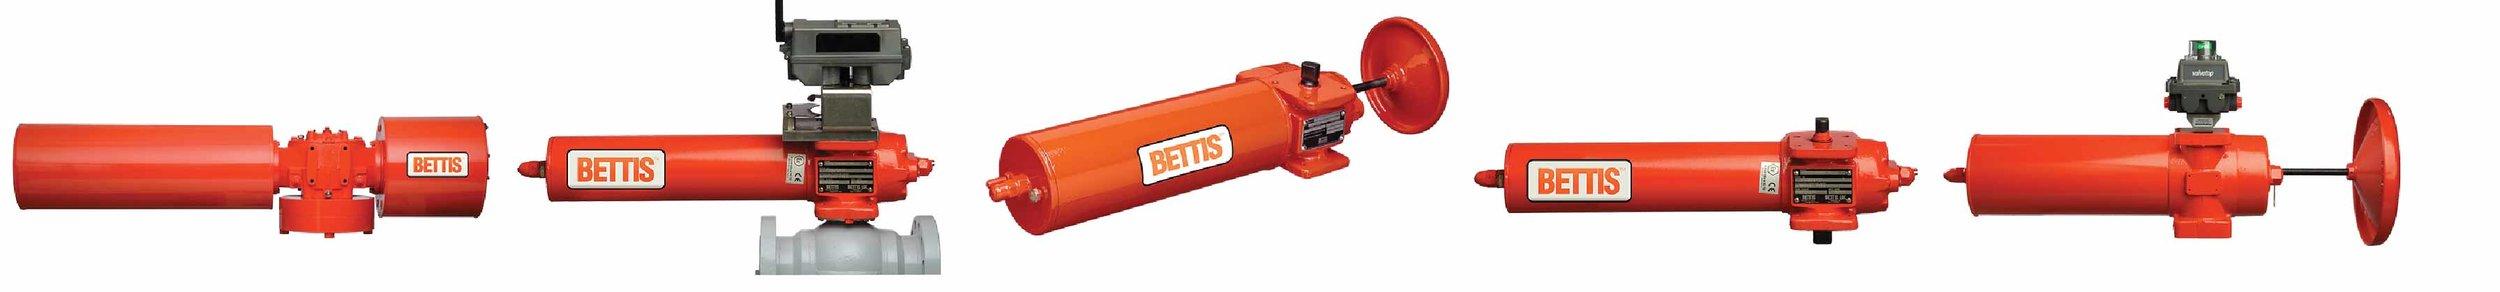 Bettis_pneumatic-01.jpg